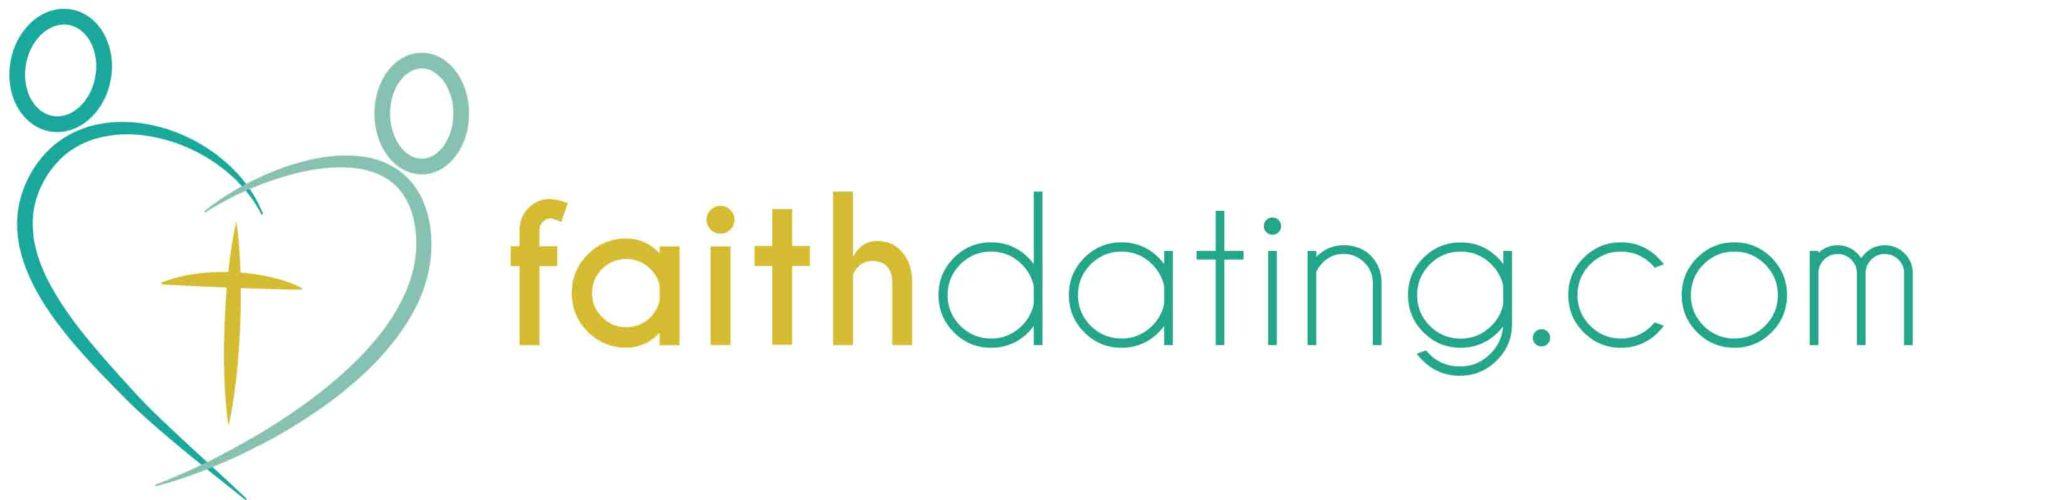 Faith dating